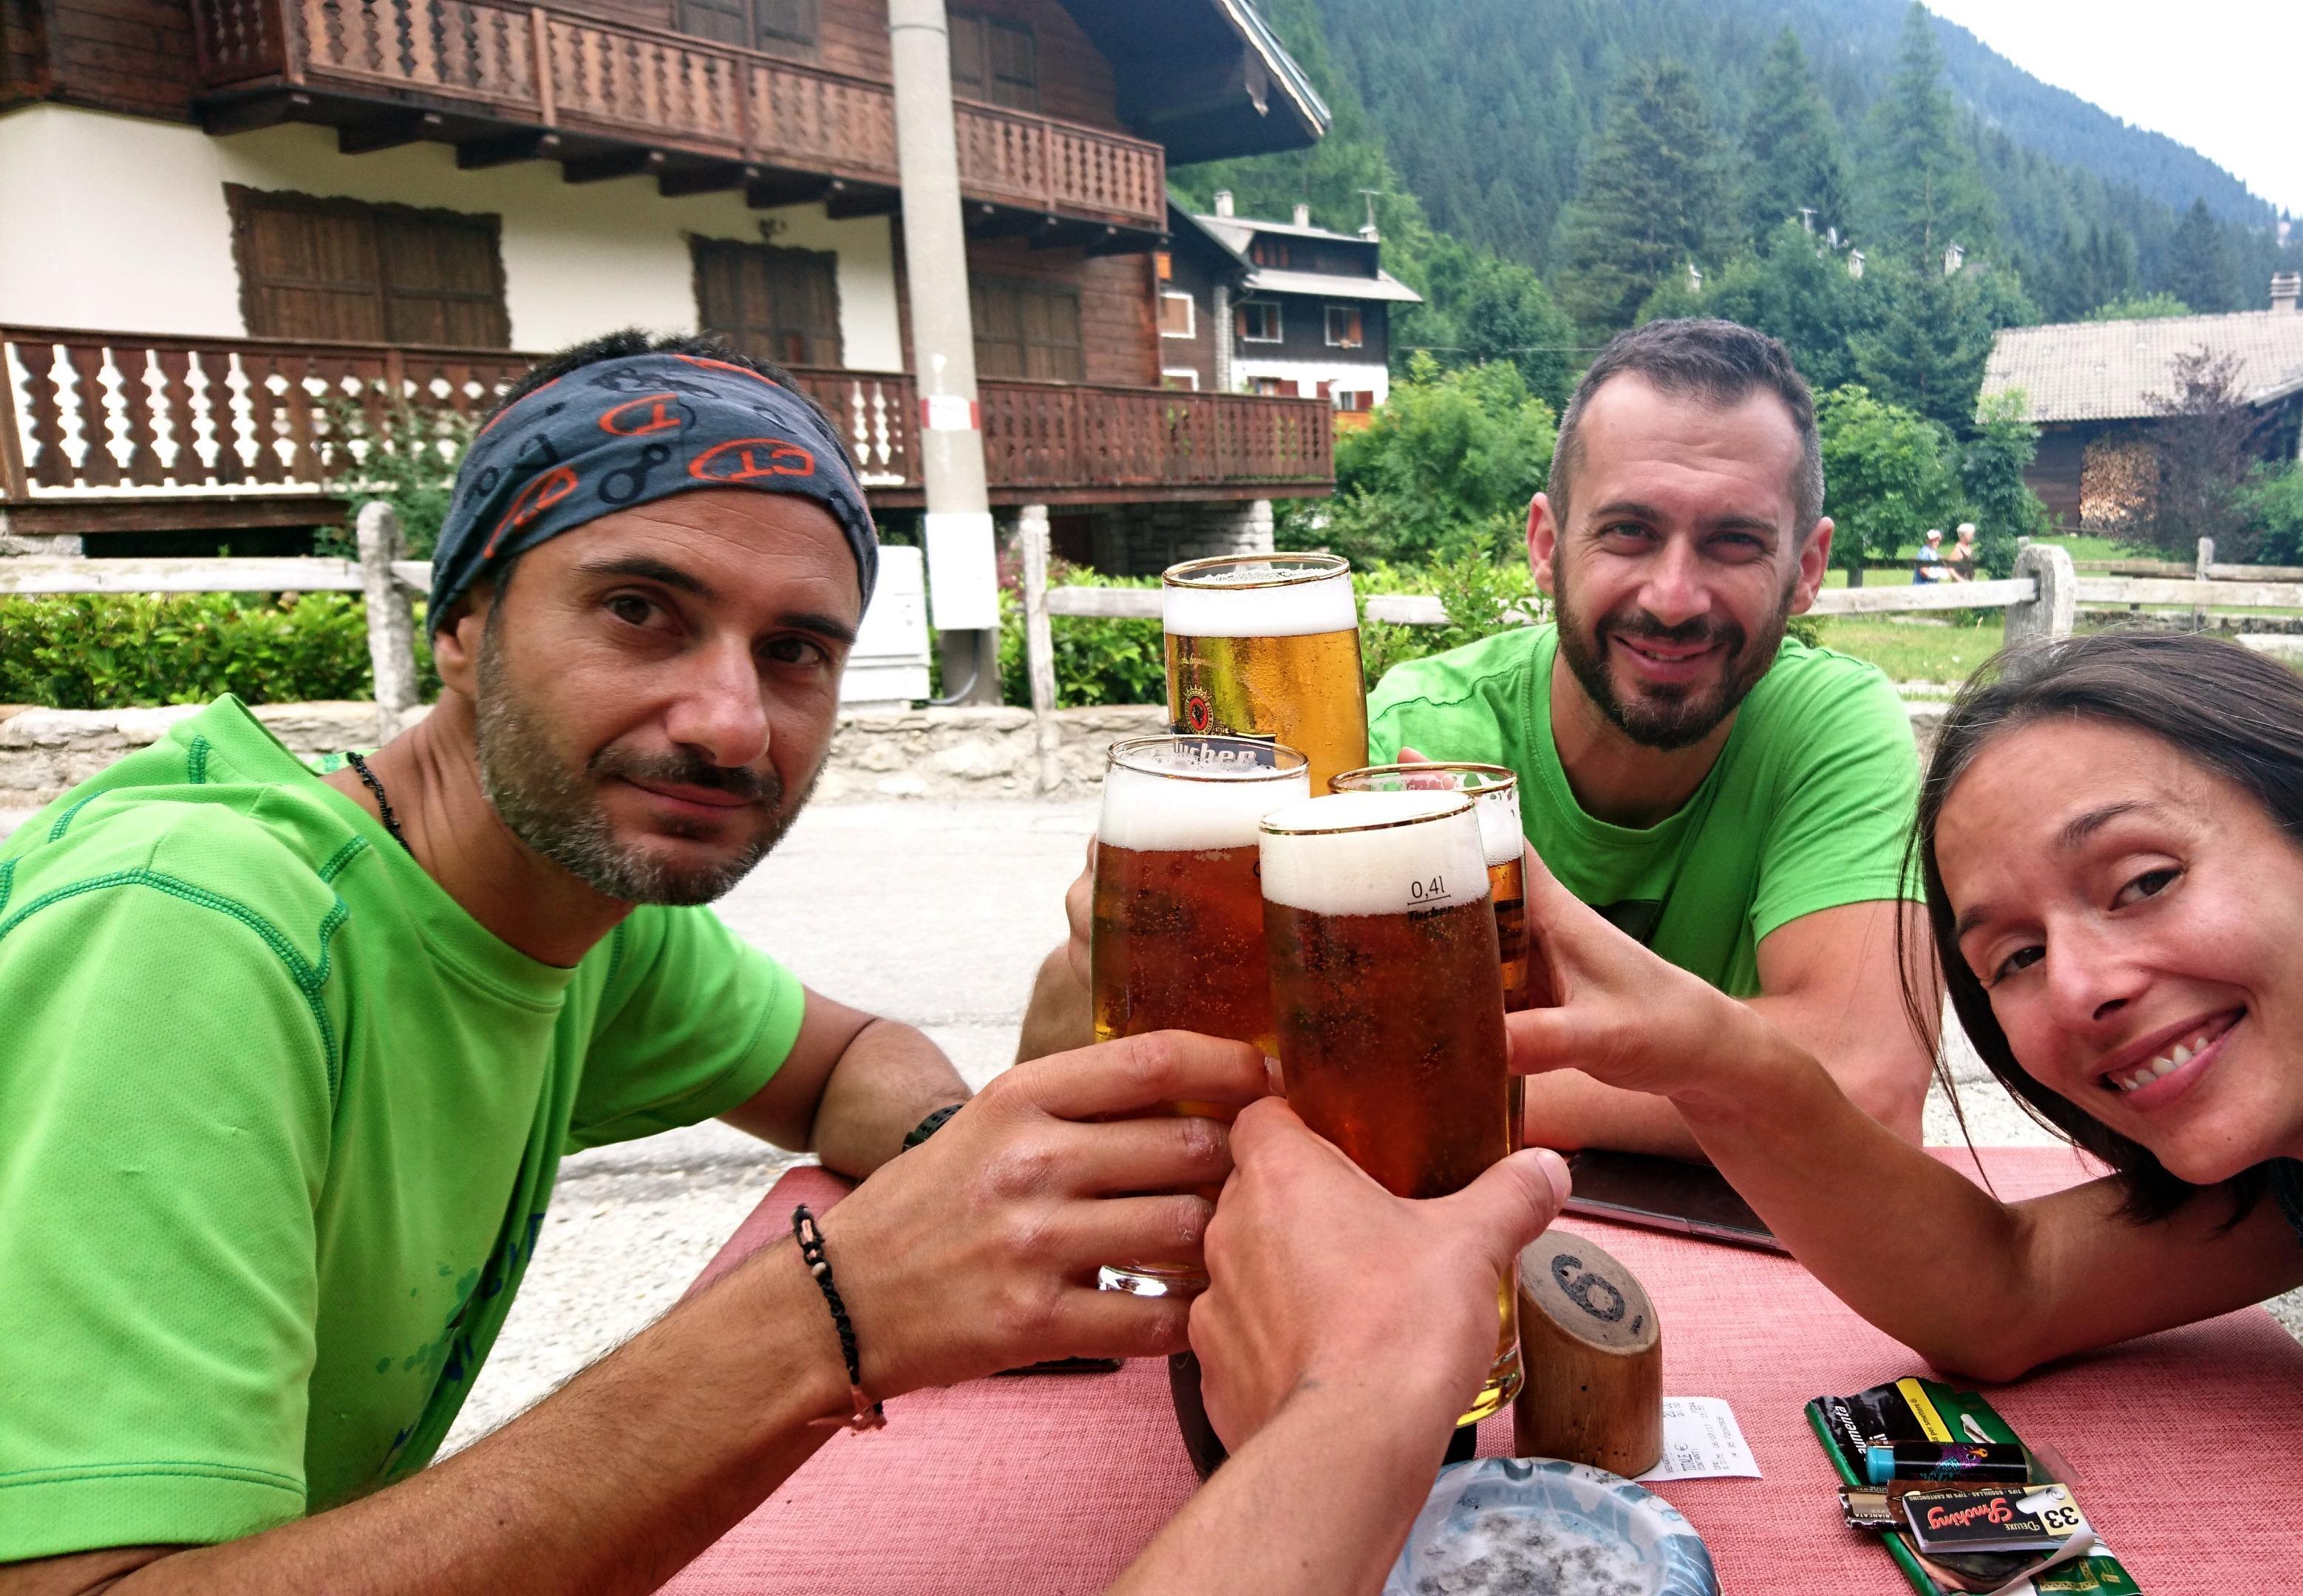 Immancabile birra di festeggiamento una volta ridiscesi a Macugnaga! Oggi c'è anche la festa del paese e quindi faremo almeno un secondo giro di birra